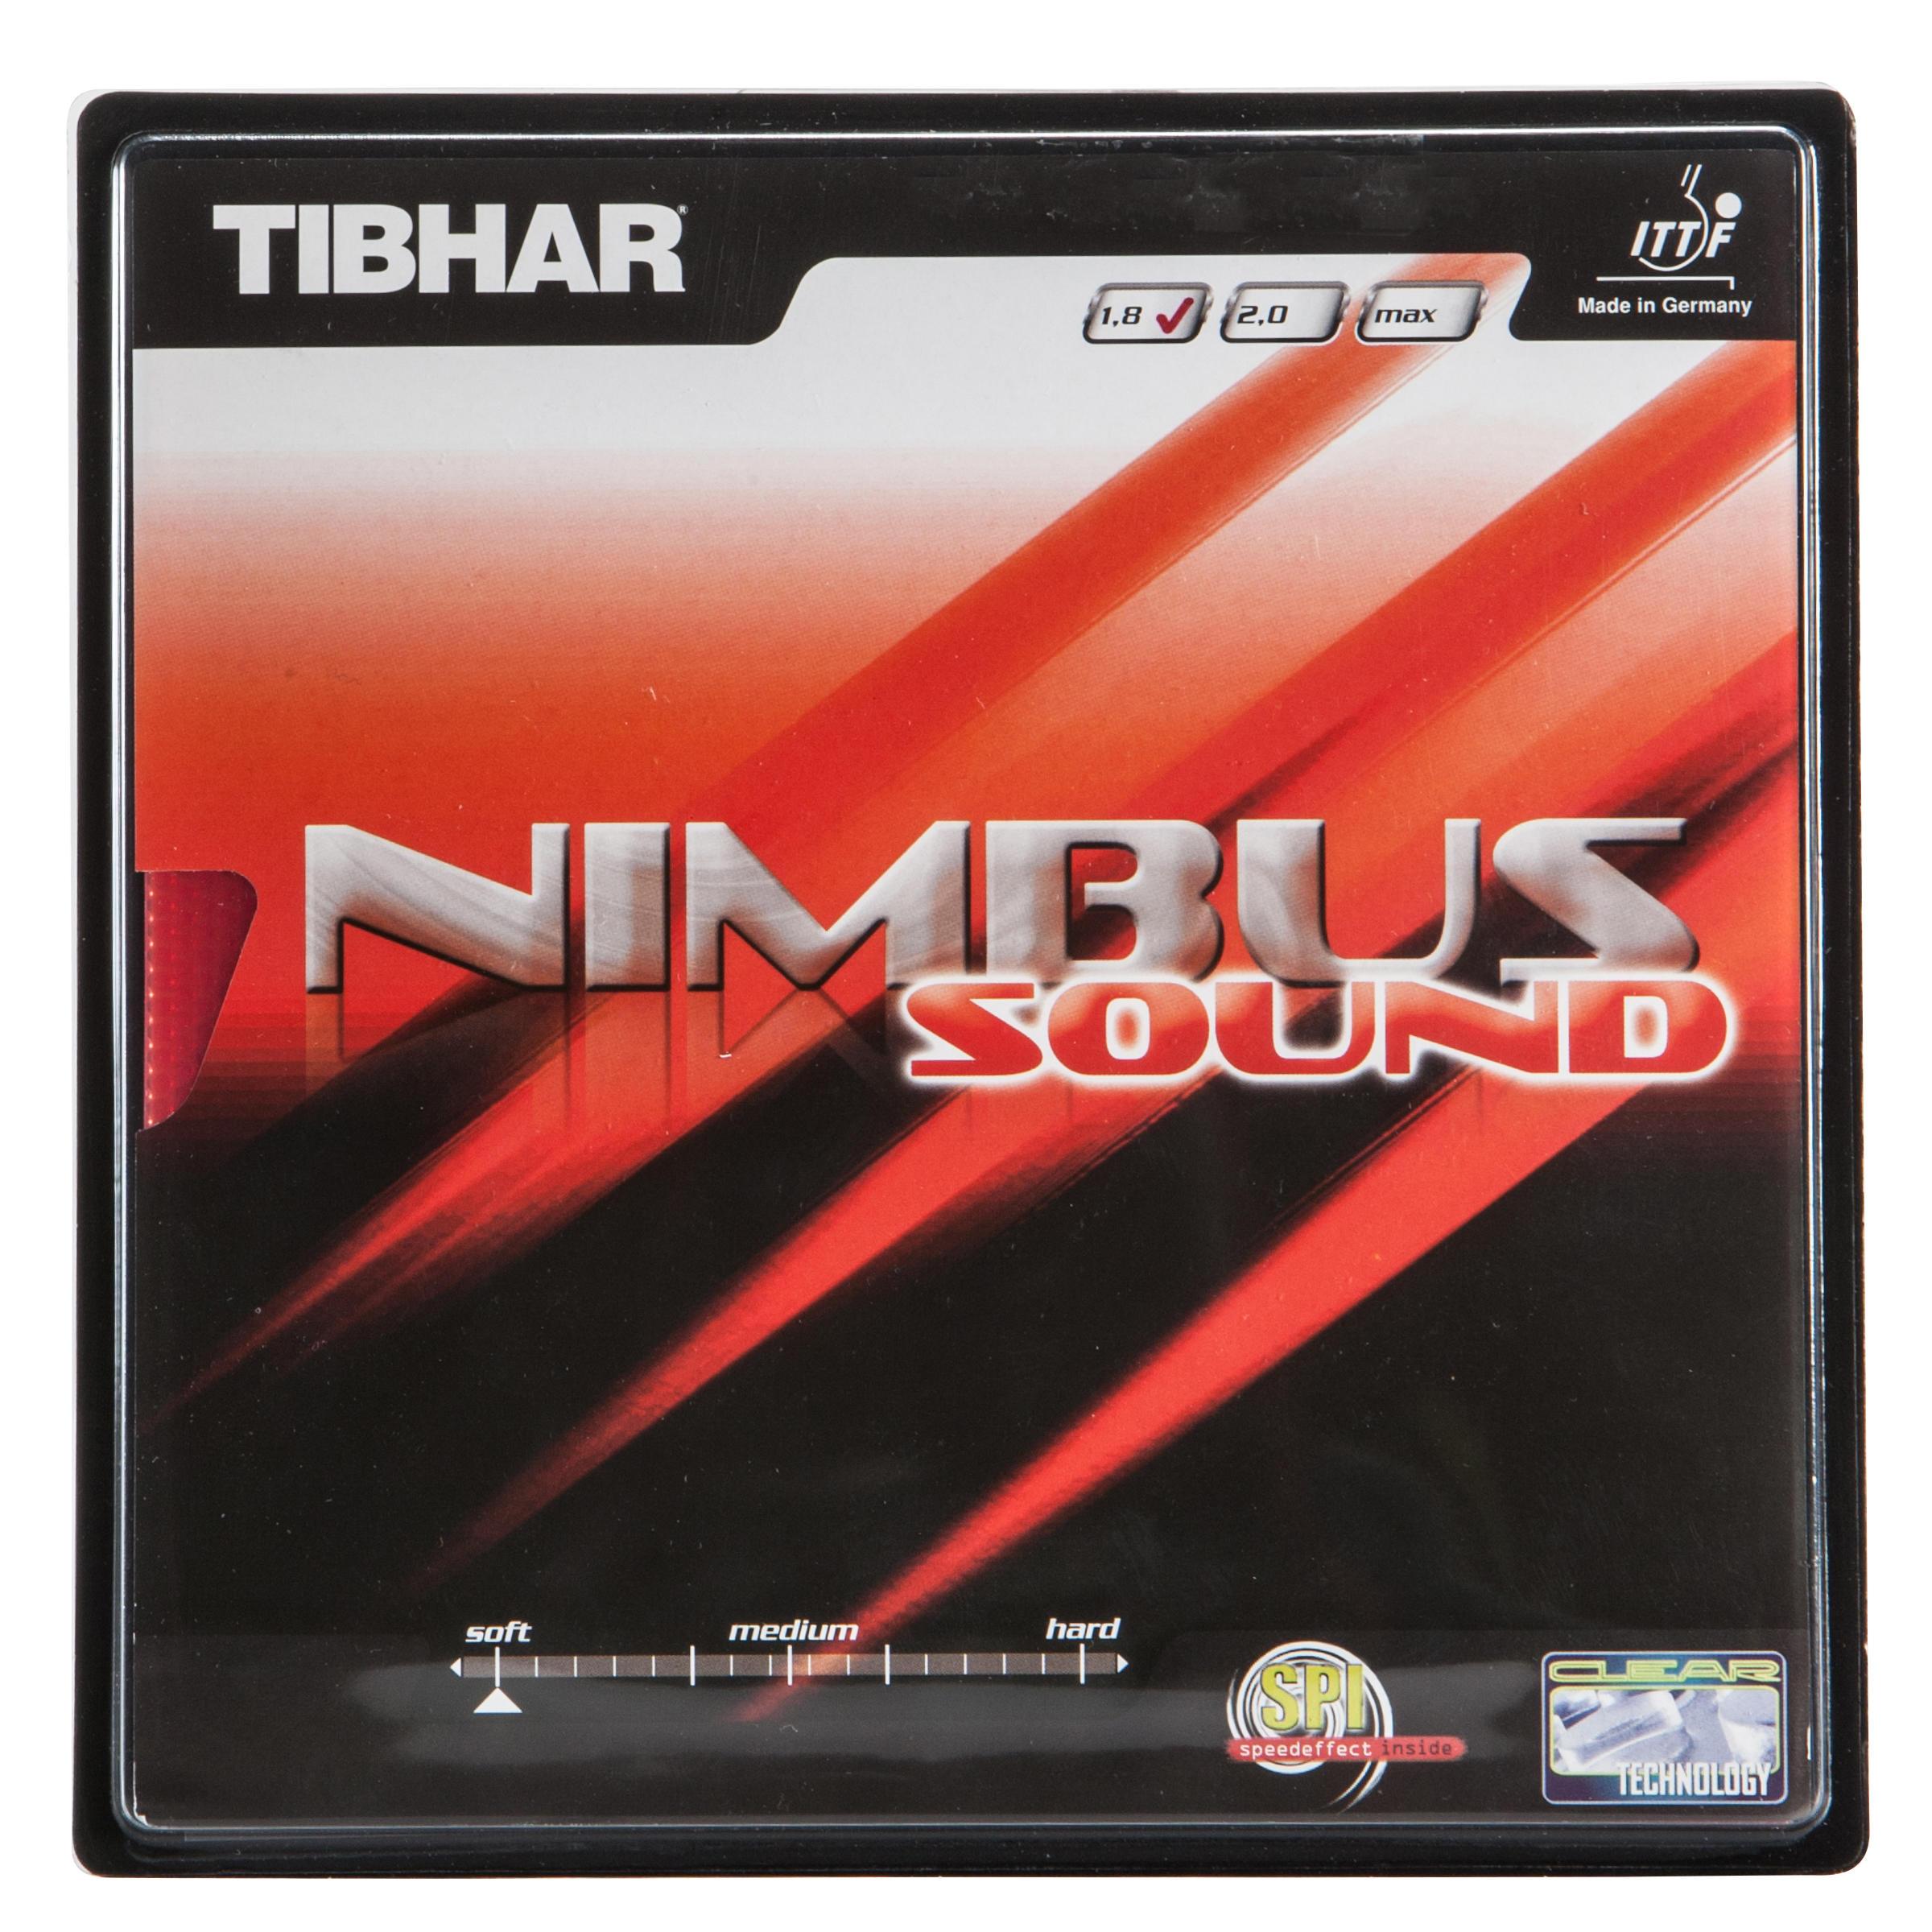 Față paletă tenis NIMBUS SOUND la Reducere poza